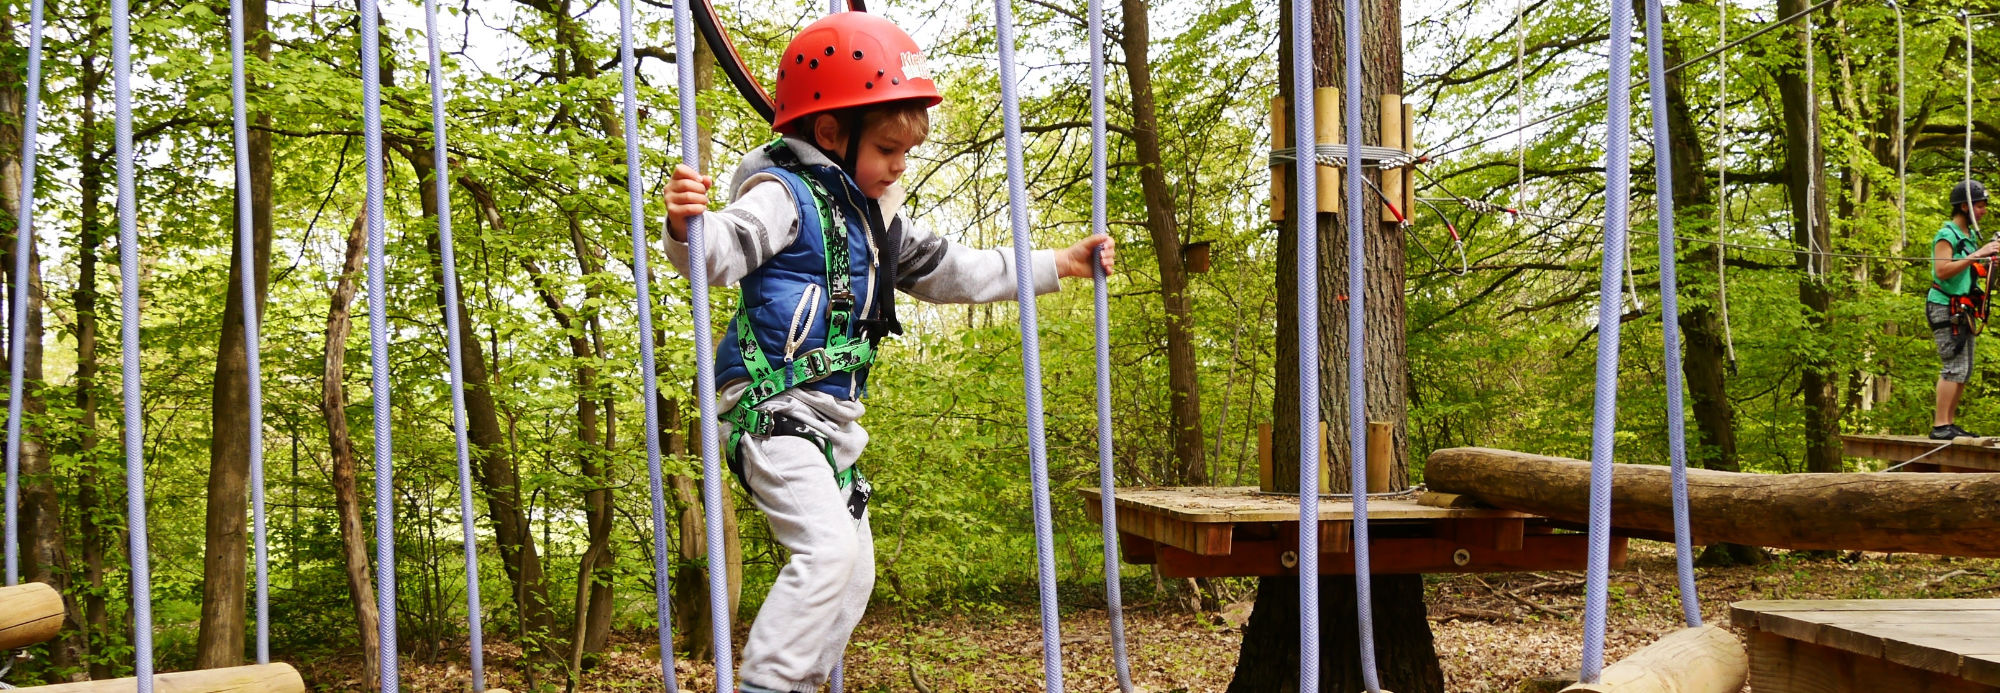 Kletterwald Diez 7